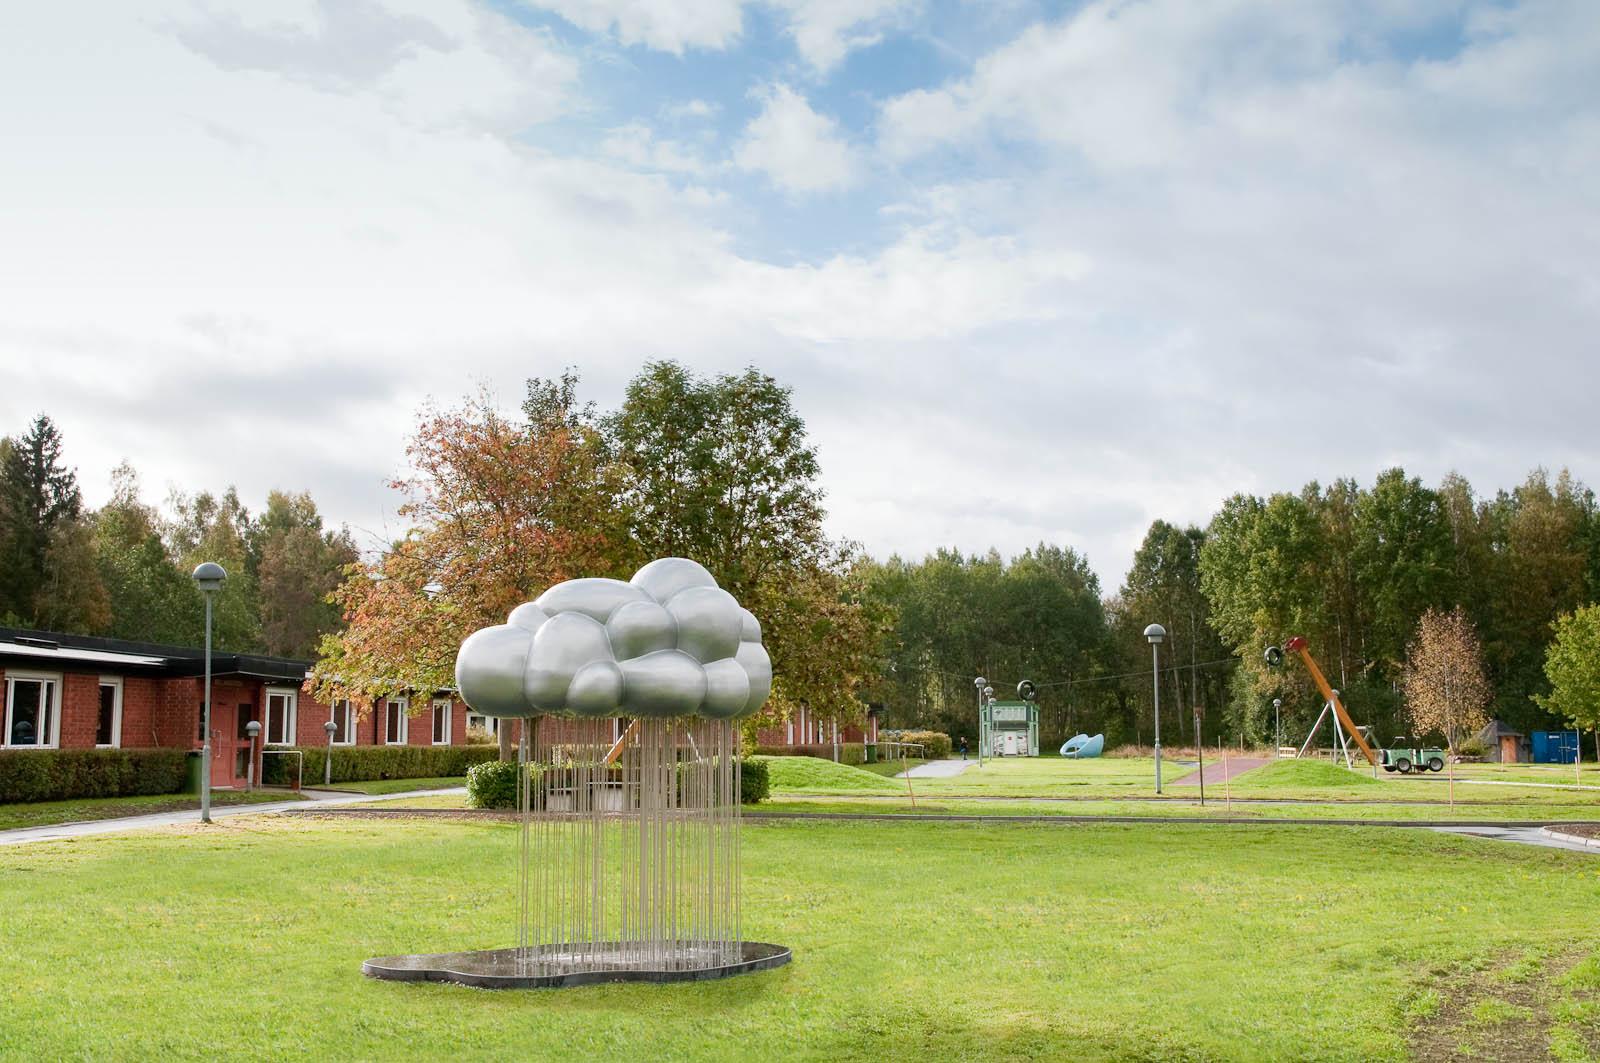 Molnet står på en gräsmatta. I basen har det en grå platta, eller kanske är det en regnpöl. Jennifer Forsberg, En liten berättelse i tre delar